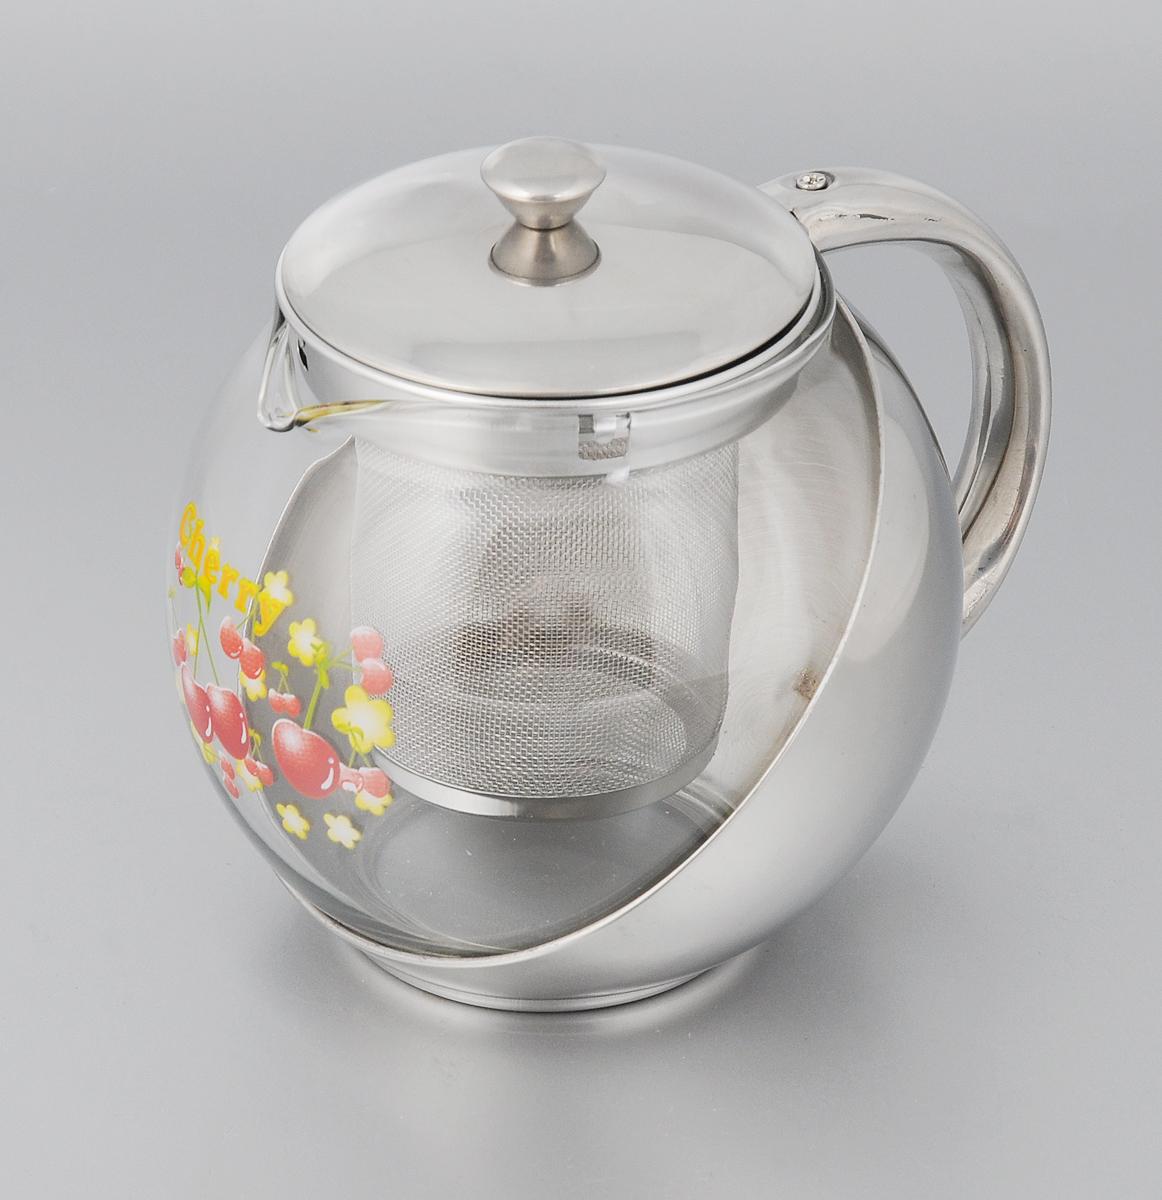 Чайник заварочный Mayer & Boch Вишенка, 700 мл2025_вишенкаИзящный и современный стиль чайника Mayer & Boch Вишенка прекрасно подчеркнет декор любой кухни. Комбинированный корпус выполнен из стекла и нержавеющей стали. Чайник оснащен сетчатым фильтром из нержавеющей стали, который задерживает чаинки и предотвращает их попадание в чашку. Простой и удобный чайник Mayer & Boch Вишенка послужит великолепным подарком для любителей чая. Диаметр чайника (по верхнему краю): 8 см. Высота чайника (без учета крышки): 11 см. Высота фильтра: 7,5 см.